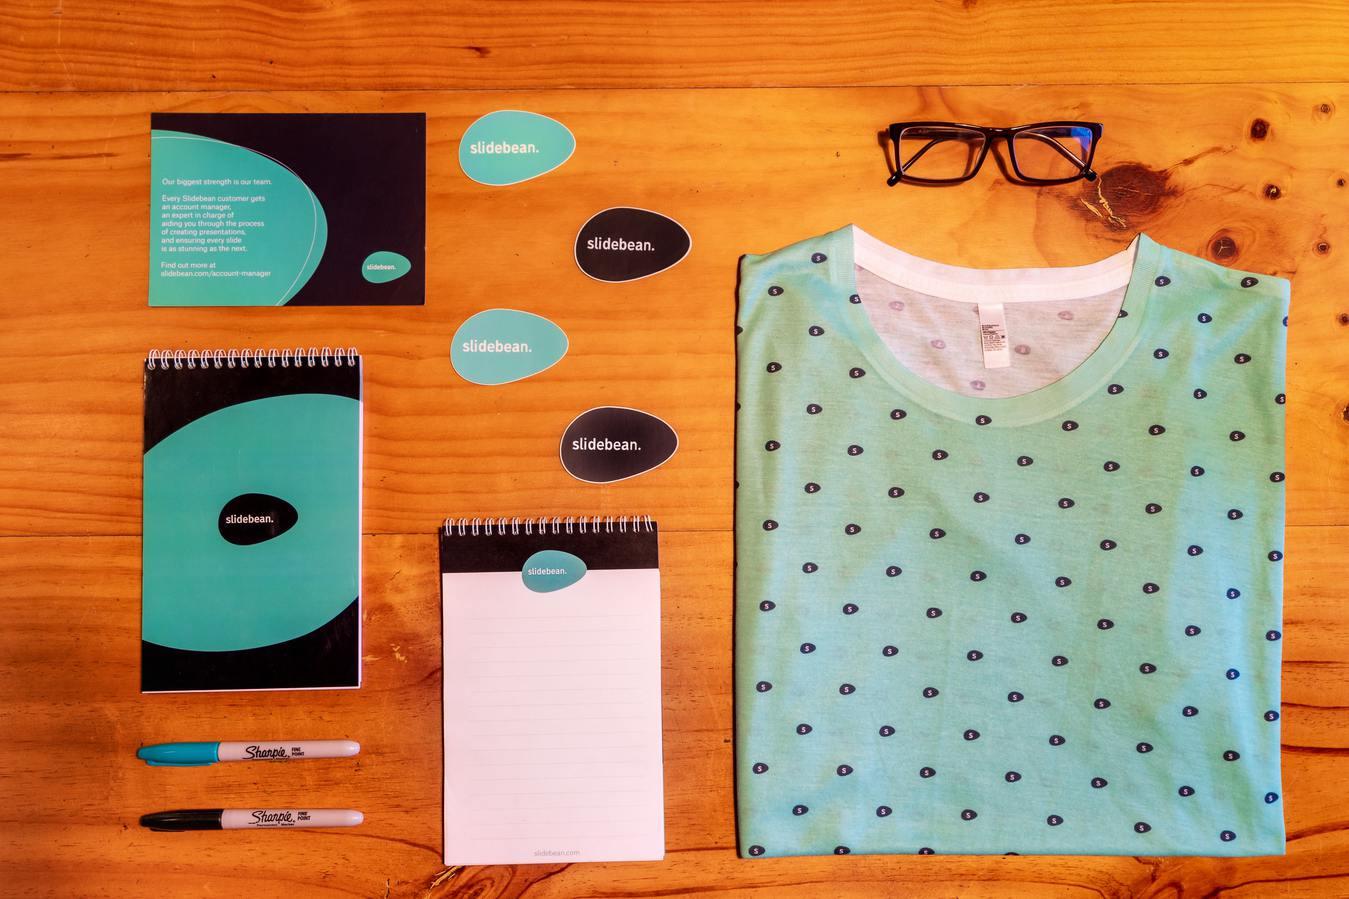 Campioni di brand design su un tavolo